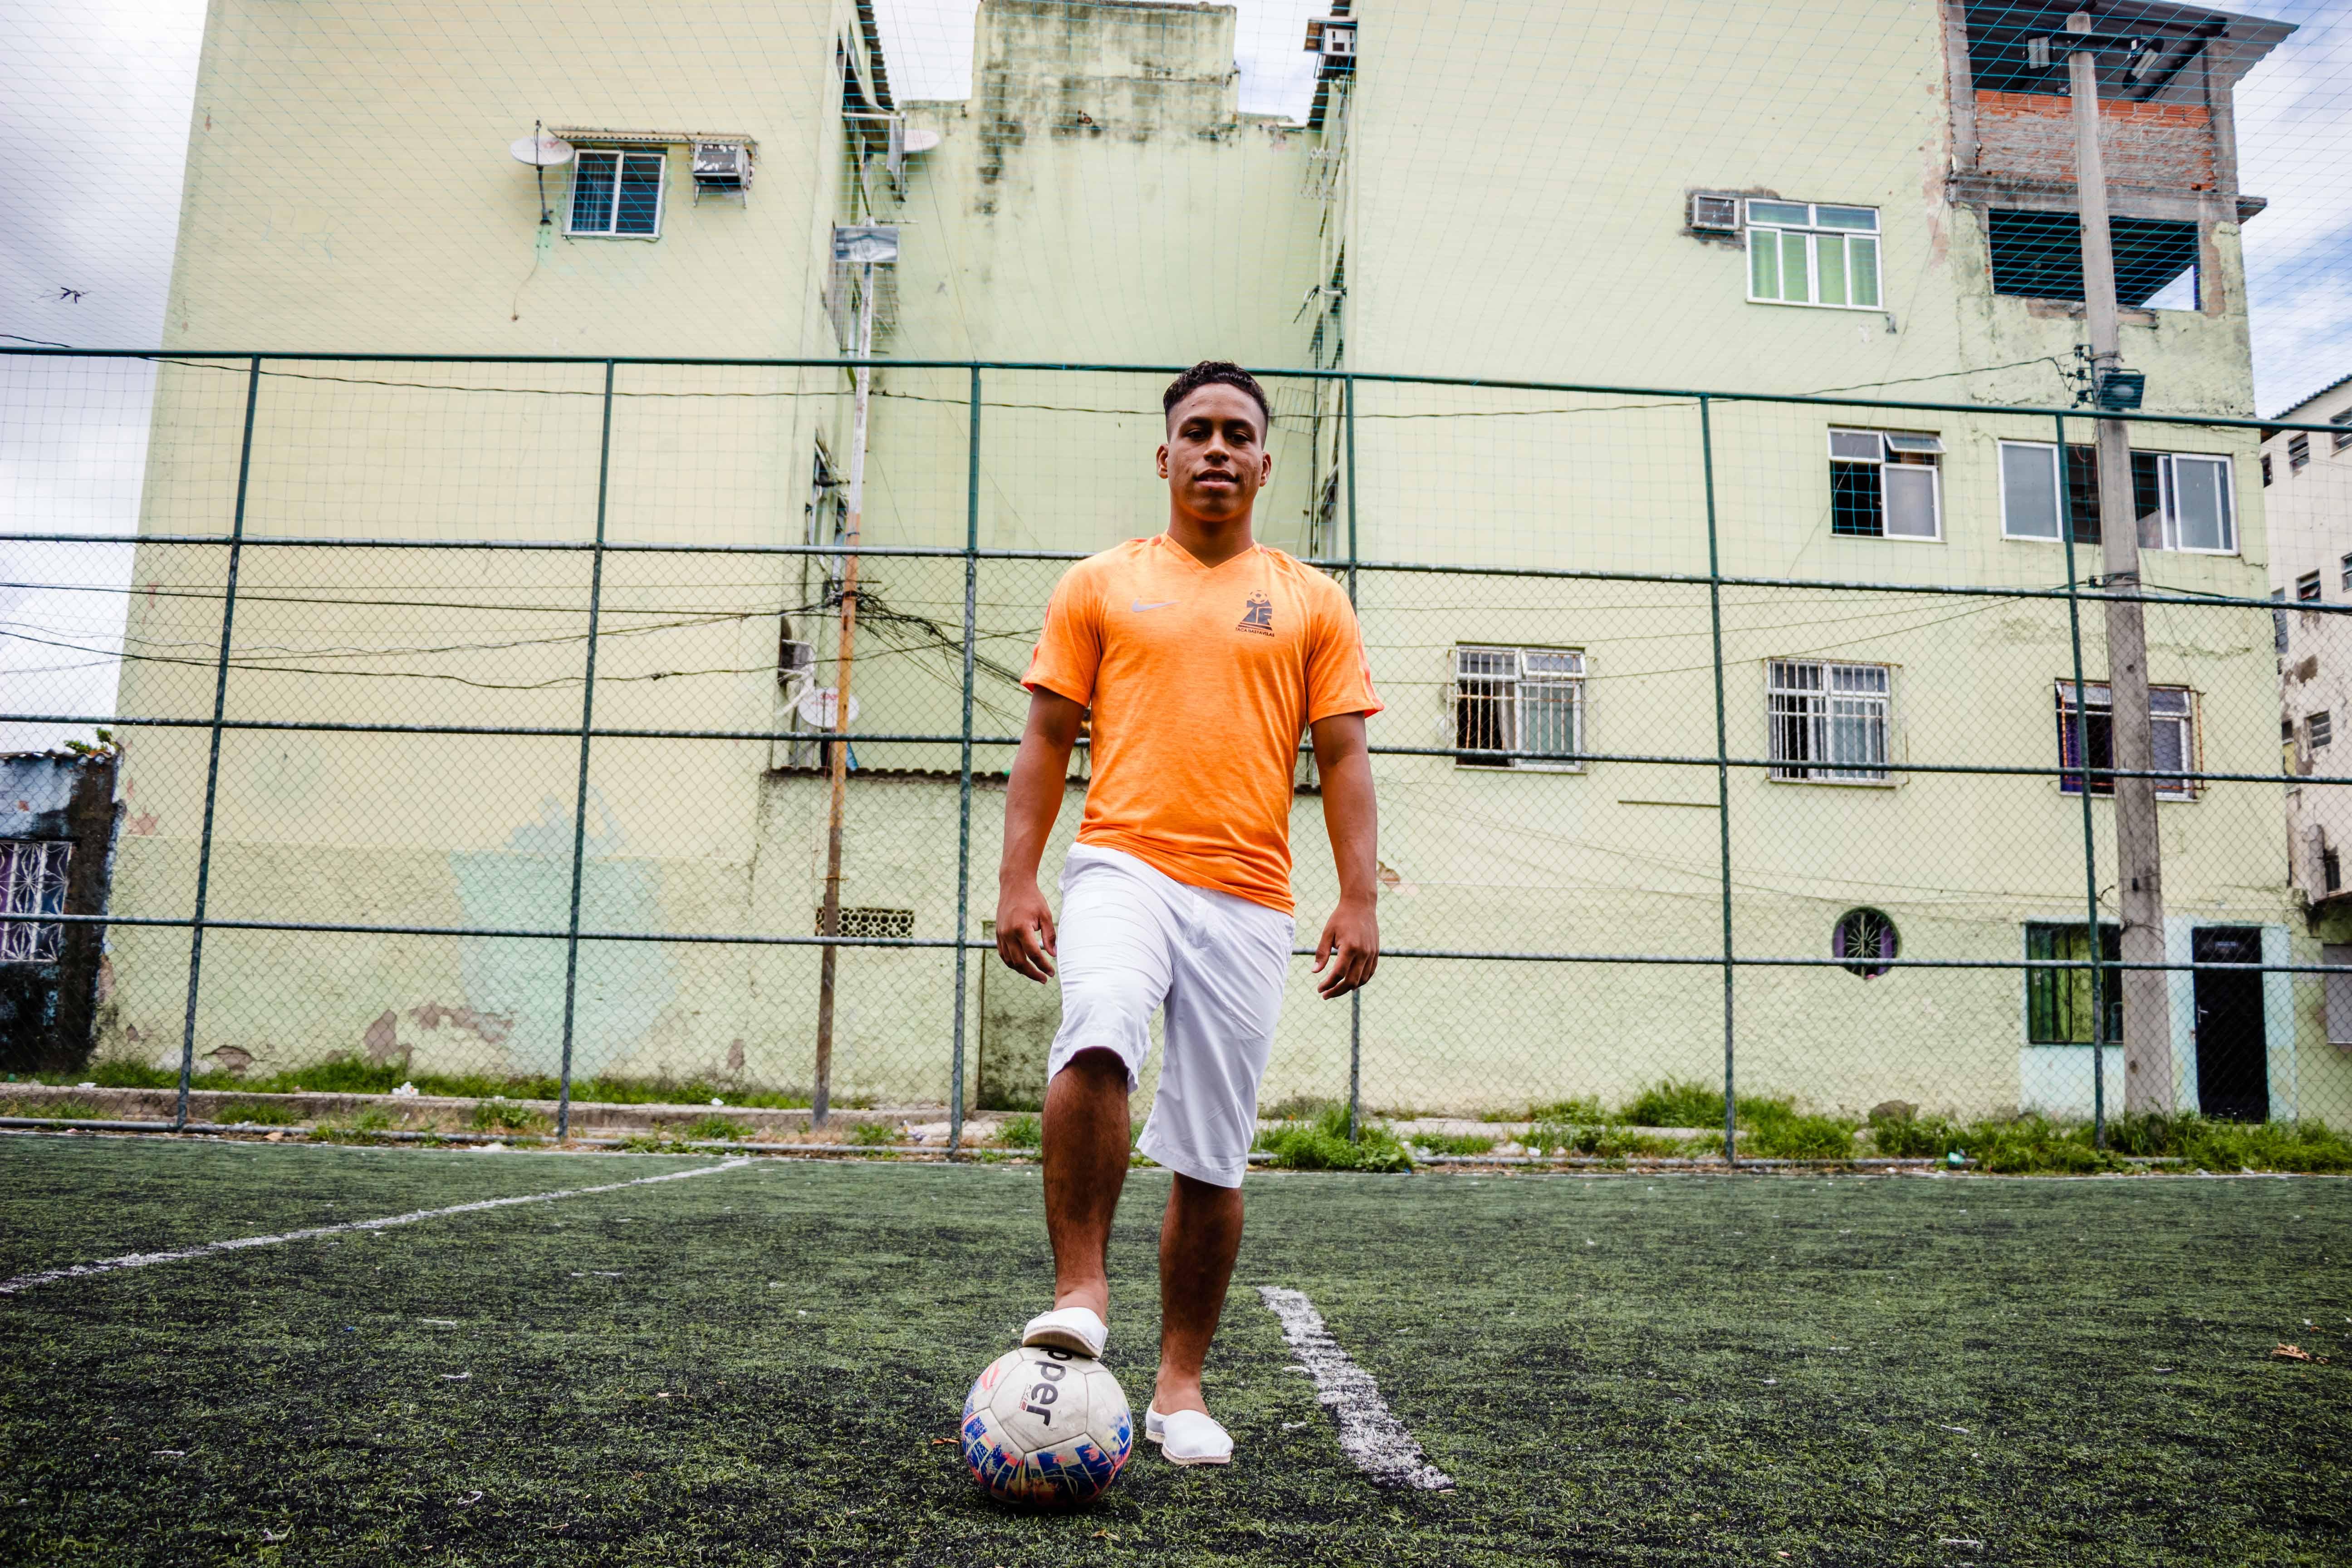 Cria da Favela do Fumacê é campeão na Taça das Favelas pela Vila Aliança